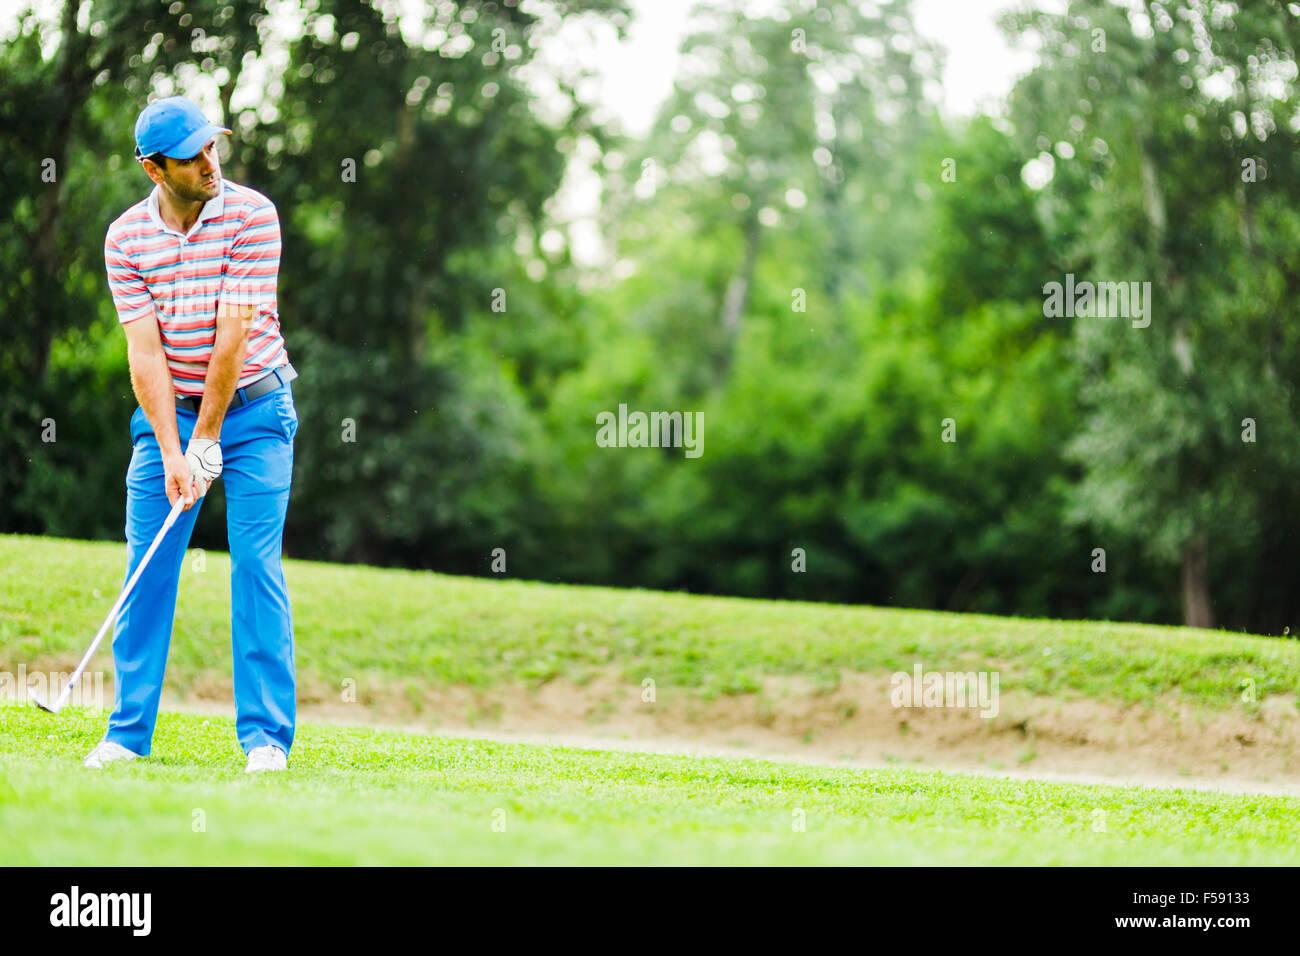 Golfer üben und Konzentration vor und nach dem Schuss an einem schönen sonnigen Tag Stockfoto